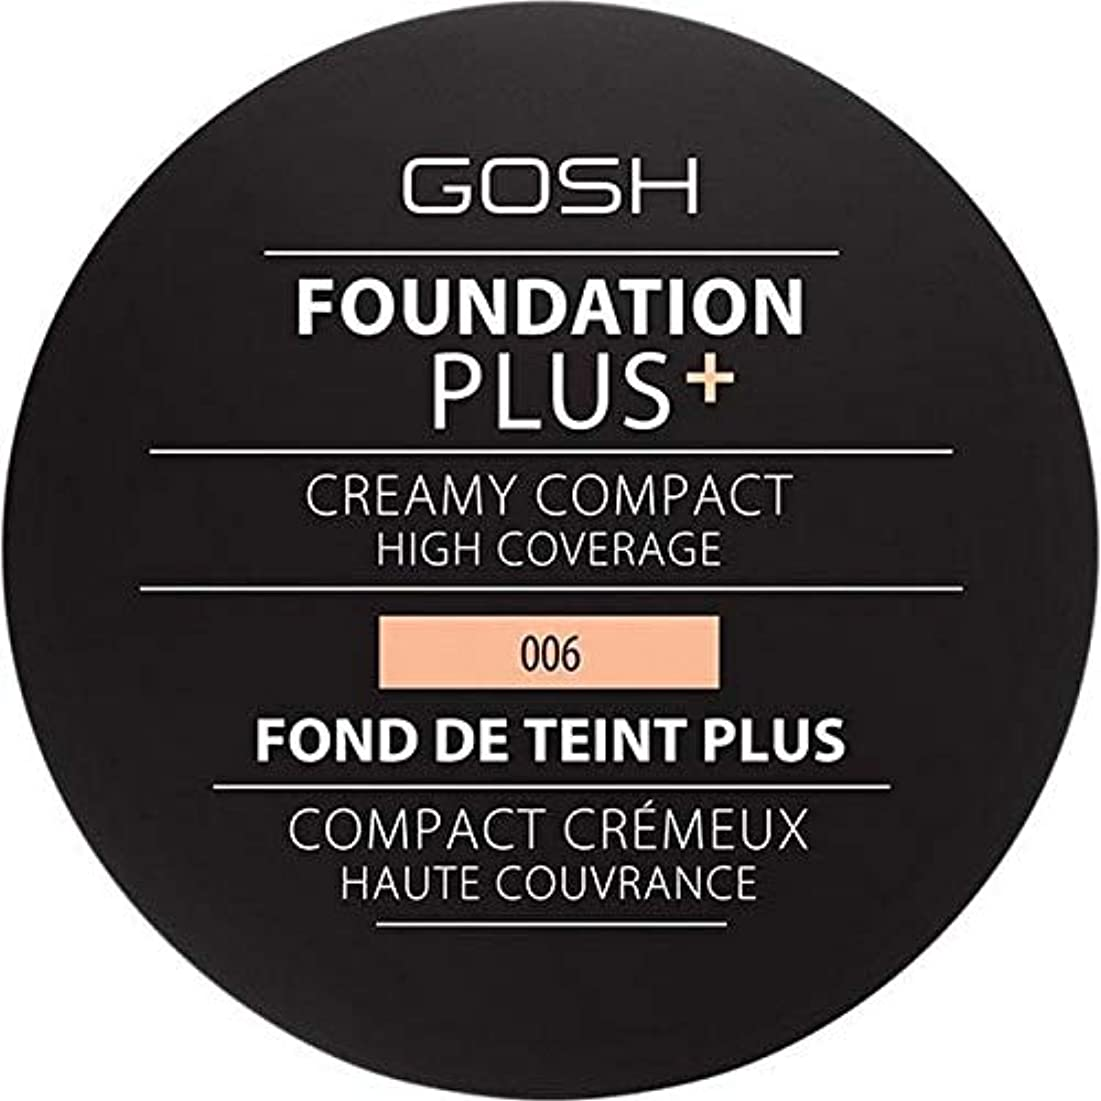 パウダージョージエリオット法王[GOSH ] 基礎プラス+クリーミーコンパクト蜂蜜006 - Foundation Plus+ Creamy Compact Honey 006 [並行輸入品]